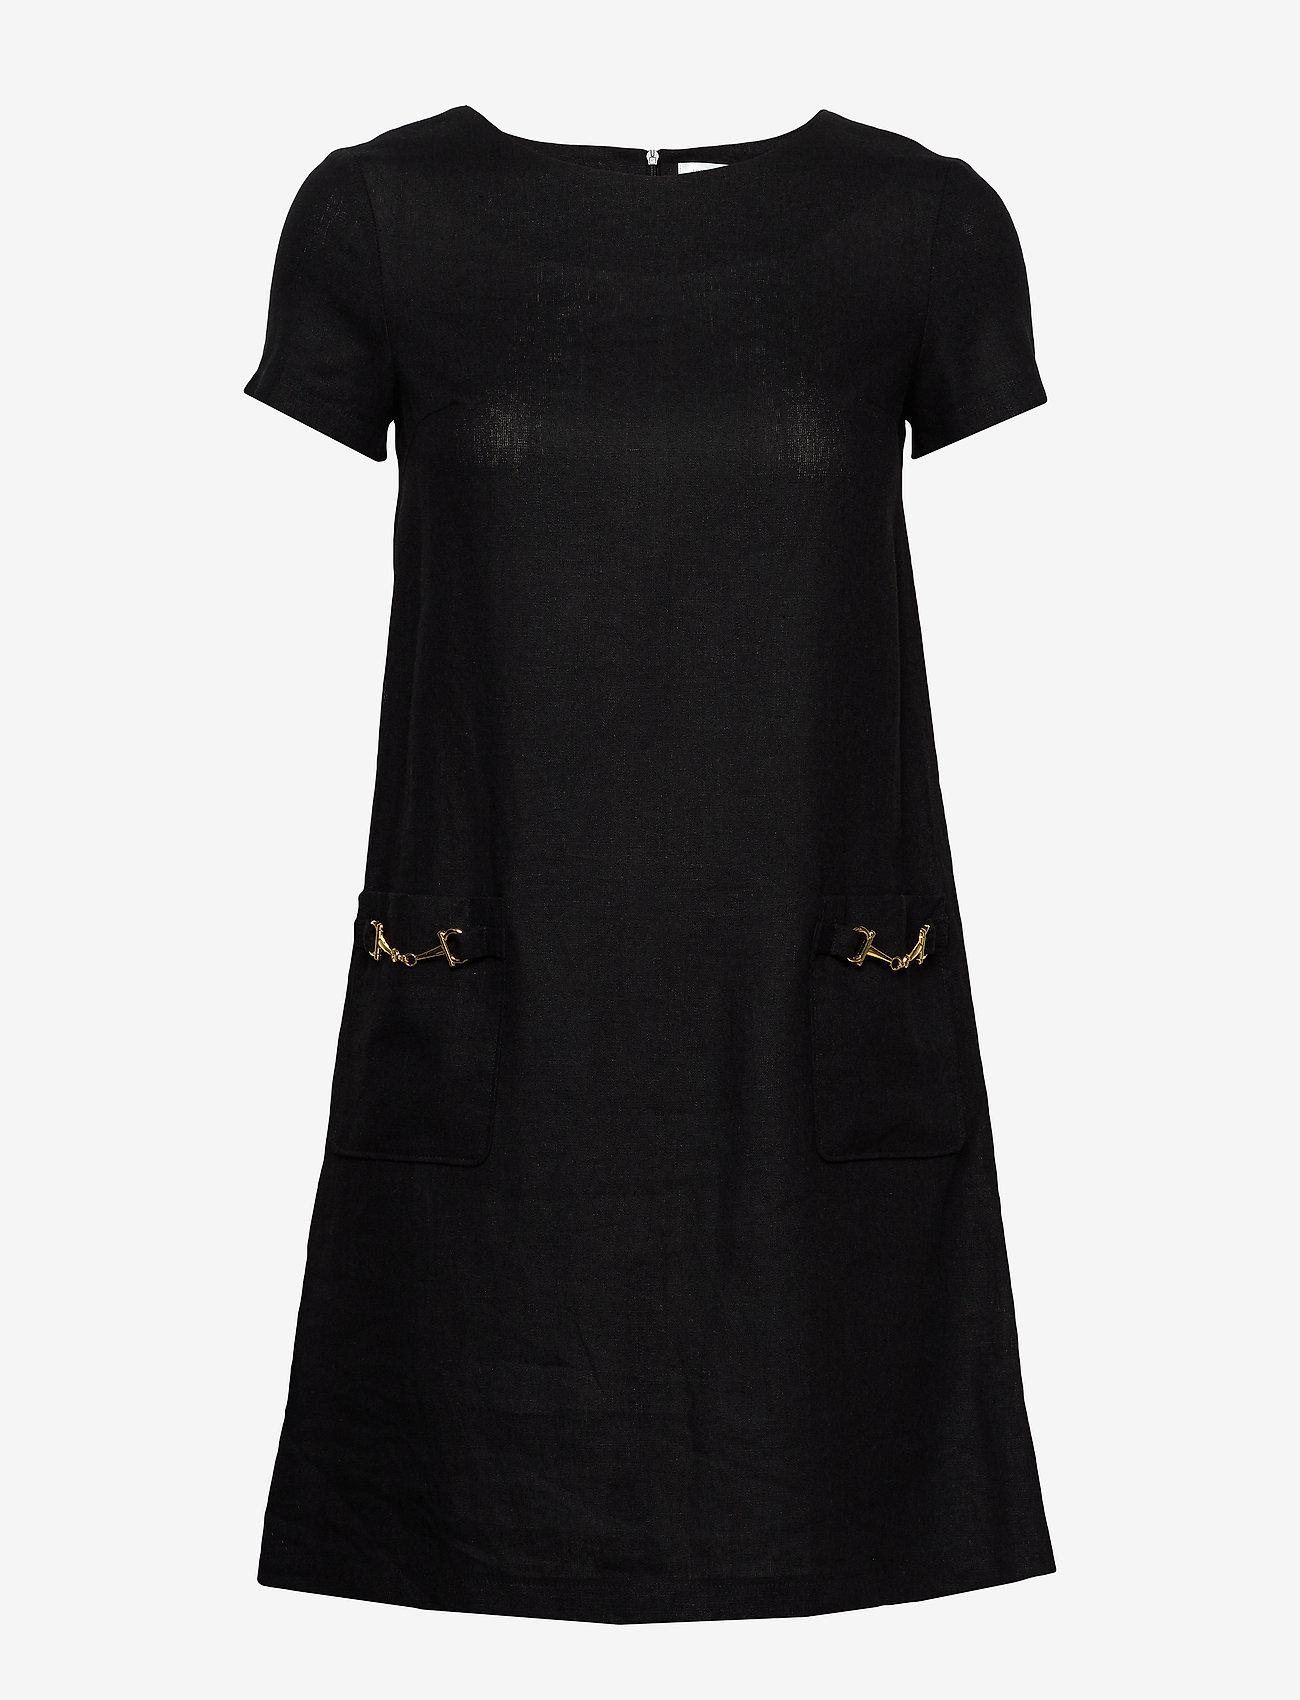 Teardrop Dress (Black) - Ida Sjöstedt YSYkyo